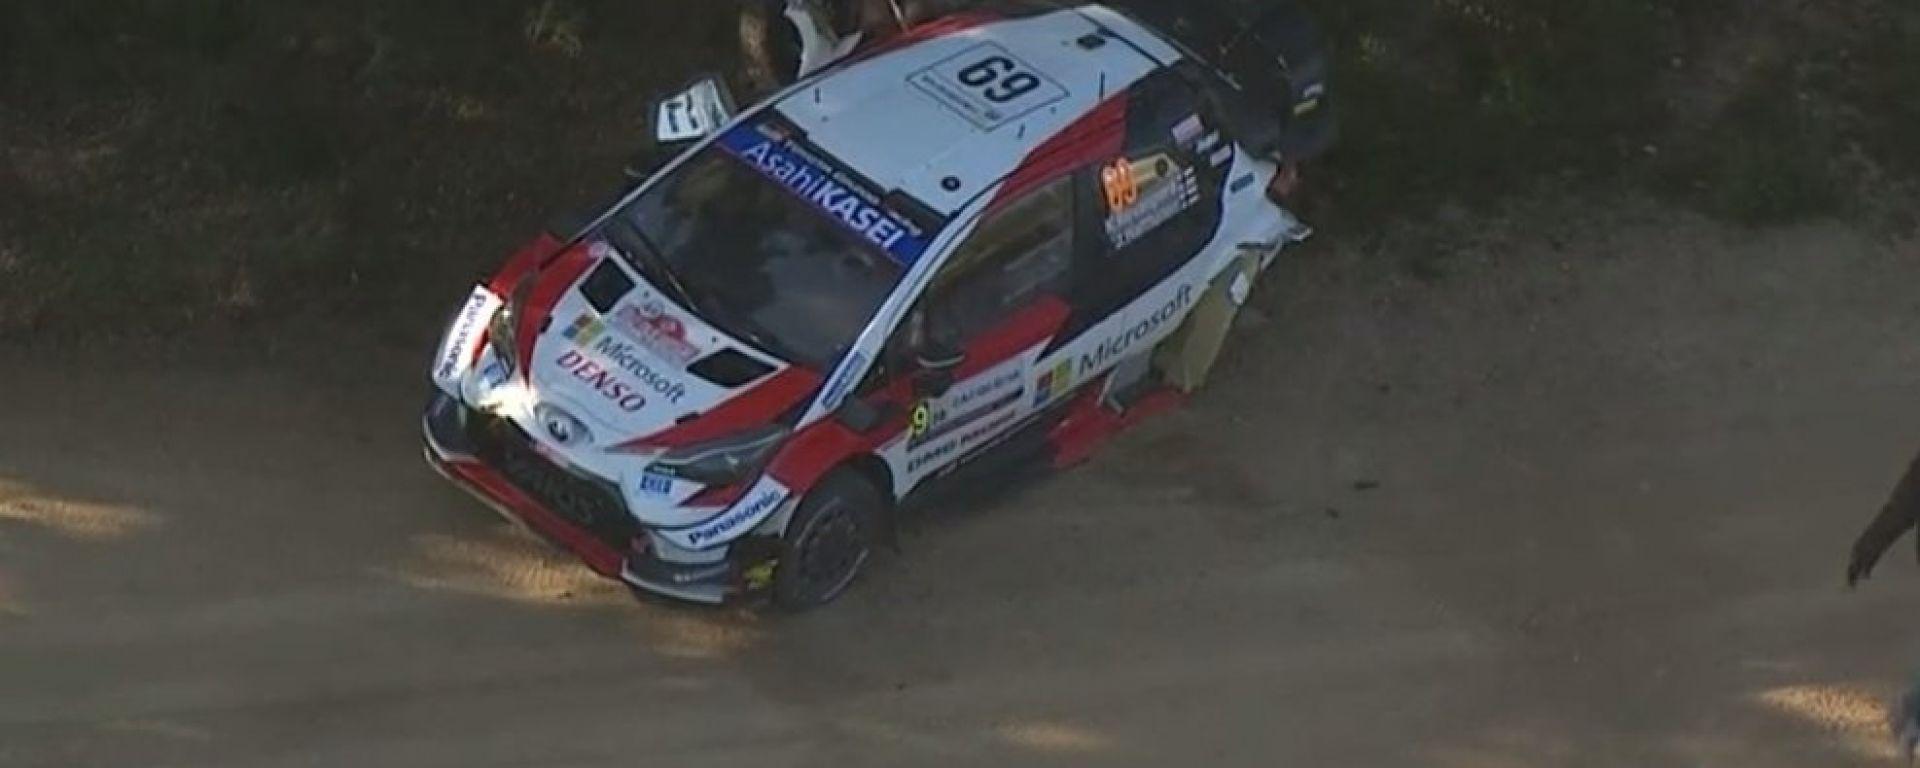 WRC, Rally Italia 2020: la Toyota di Kalle Rovampera dopo l'impatto con un albero